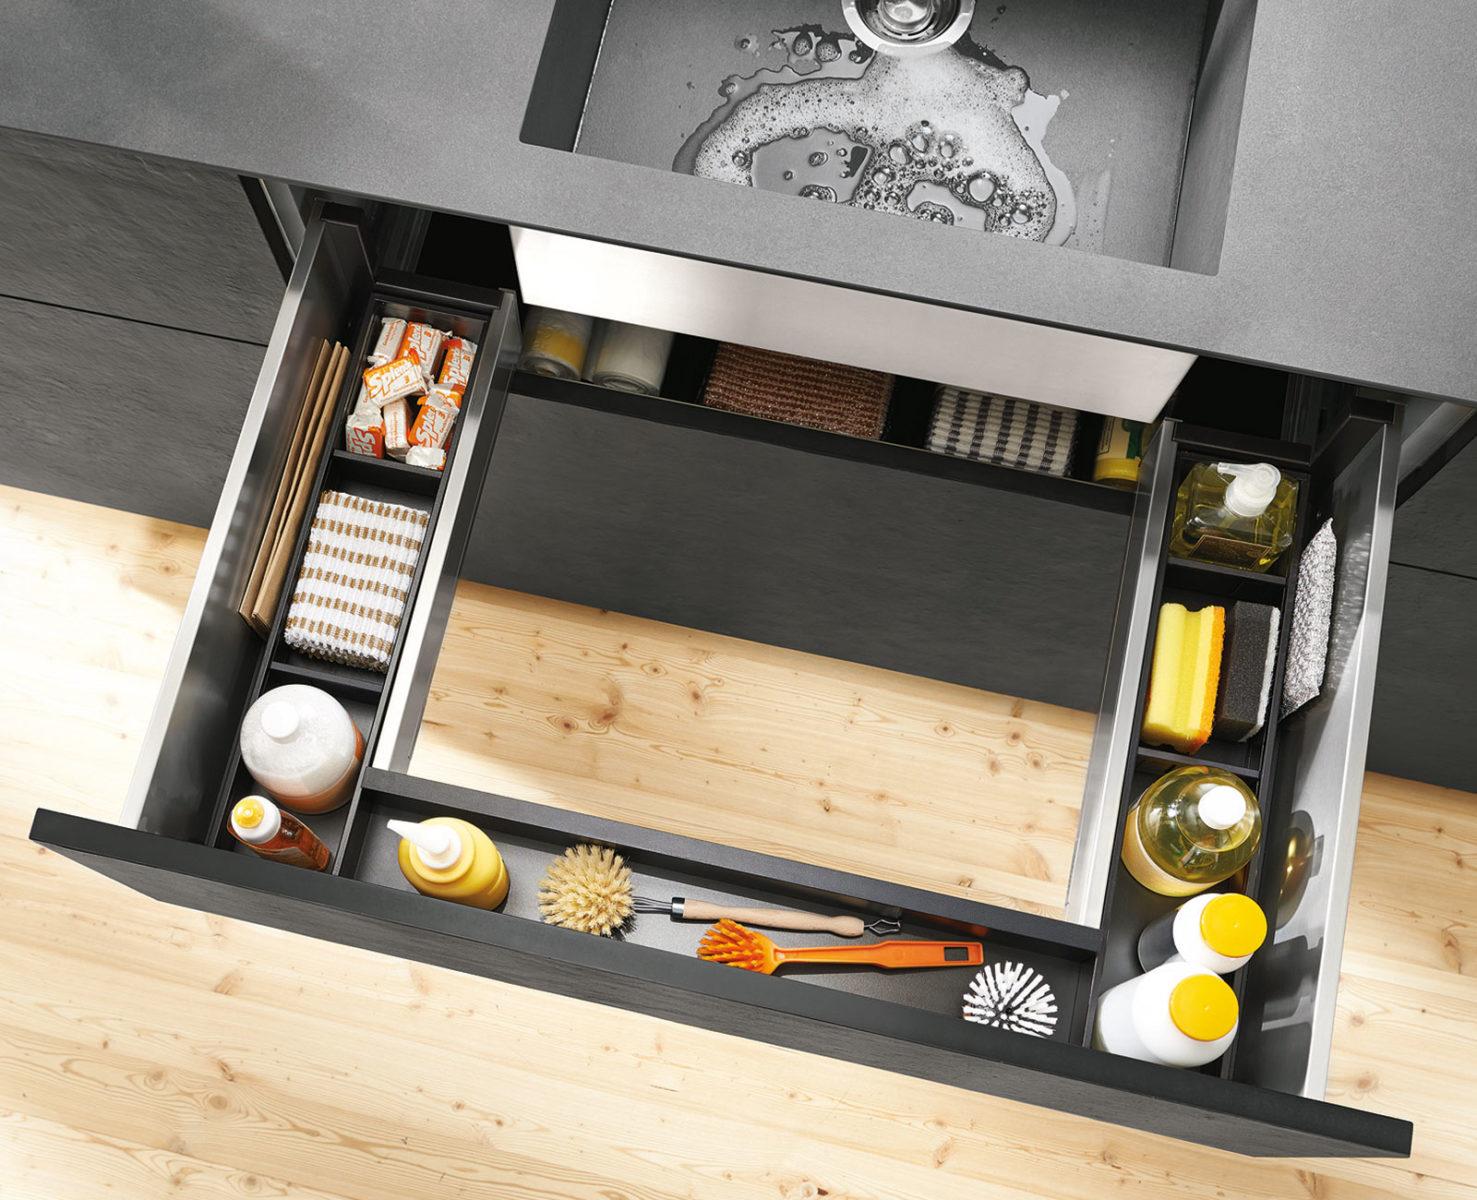 Ящик под мойку позволяет значительно повысить комфорт эксплуатации кухни